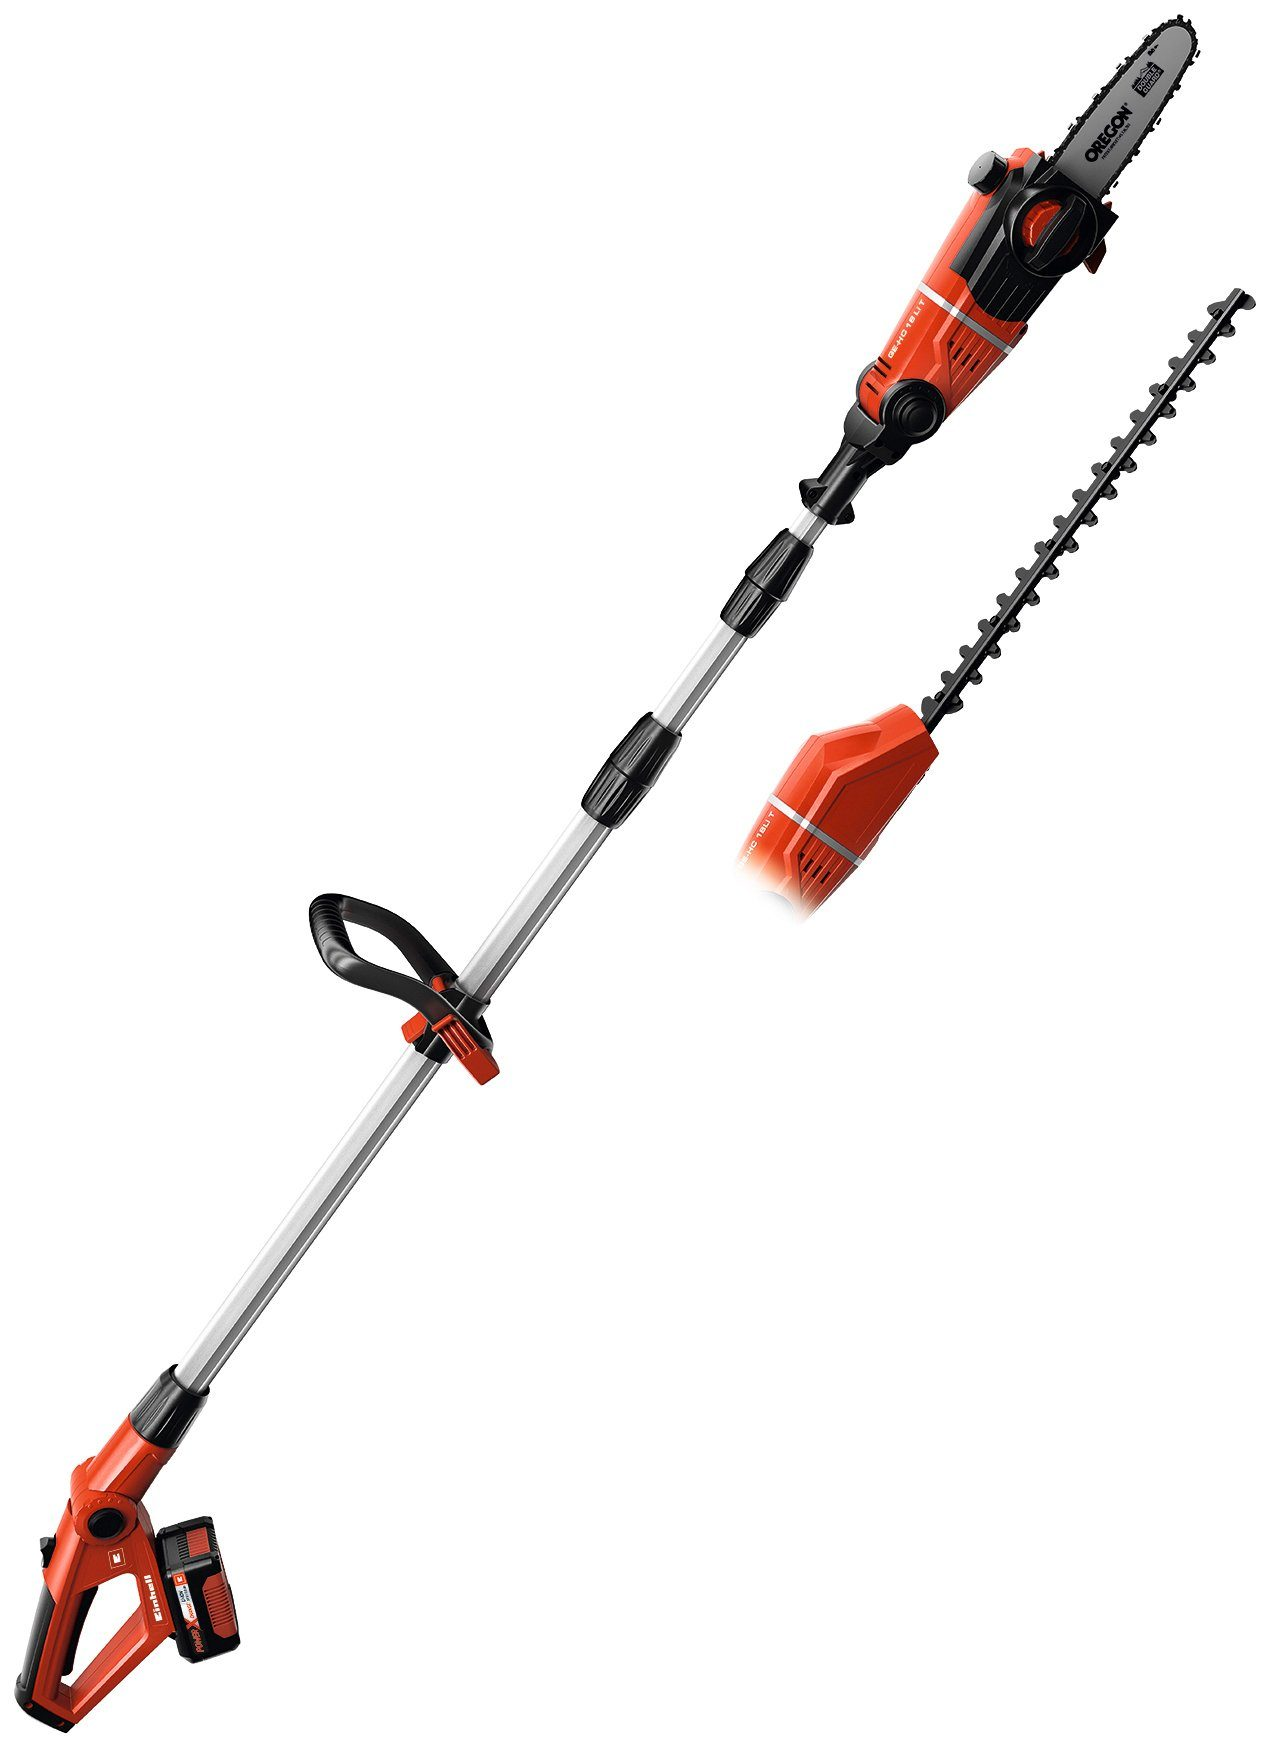 EINHELL Akku-Multifunktionswerkzeug »GE-HC 18 Li T Kit«, 40 cm Schnittlänge